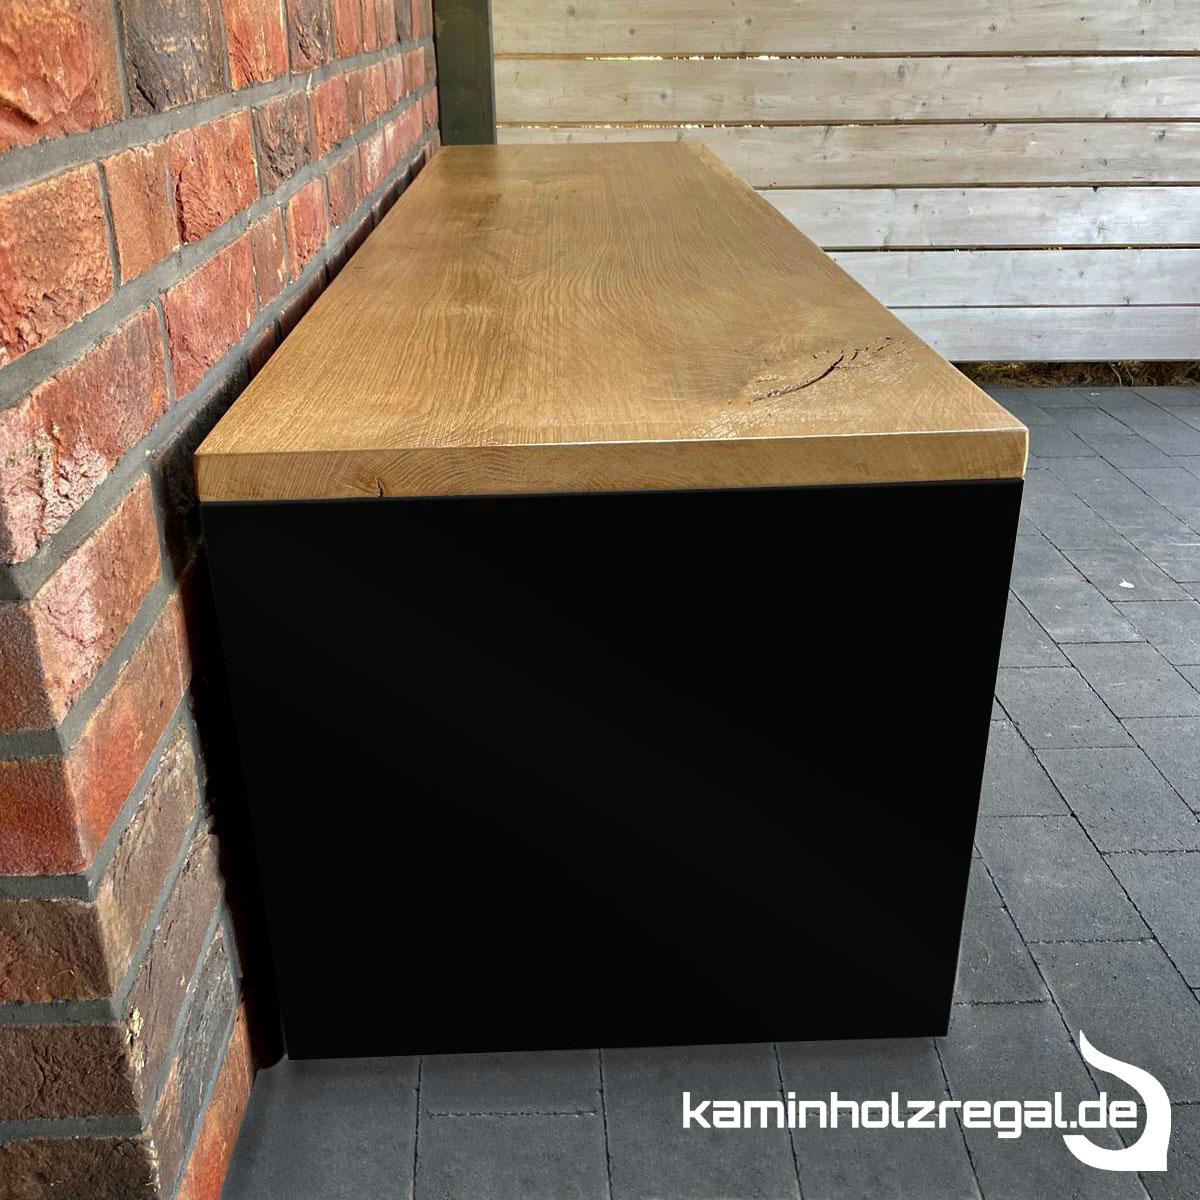 Bank für Kaminholz 1,80 m x 0,50 m mit Eichenplatte als Sitzfläche für Innen - pulverbeschichtet - matt schwarz